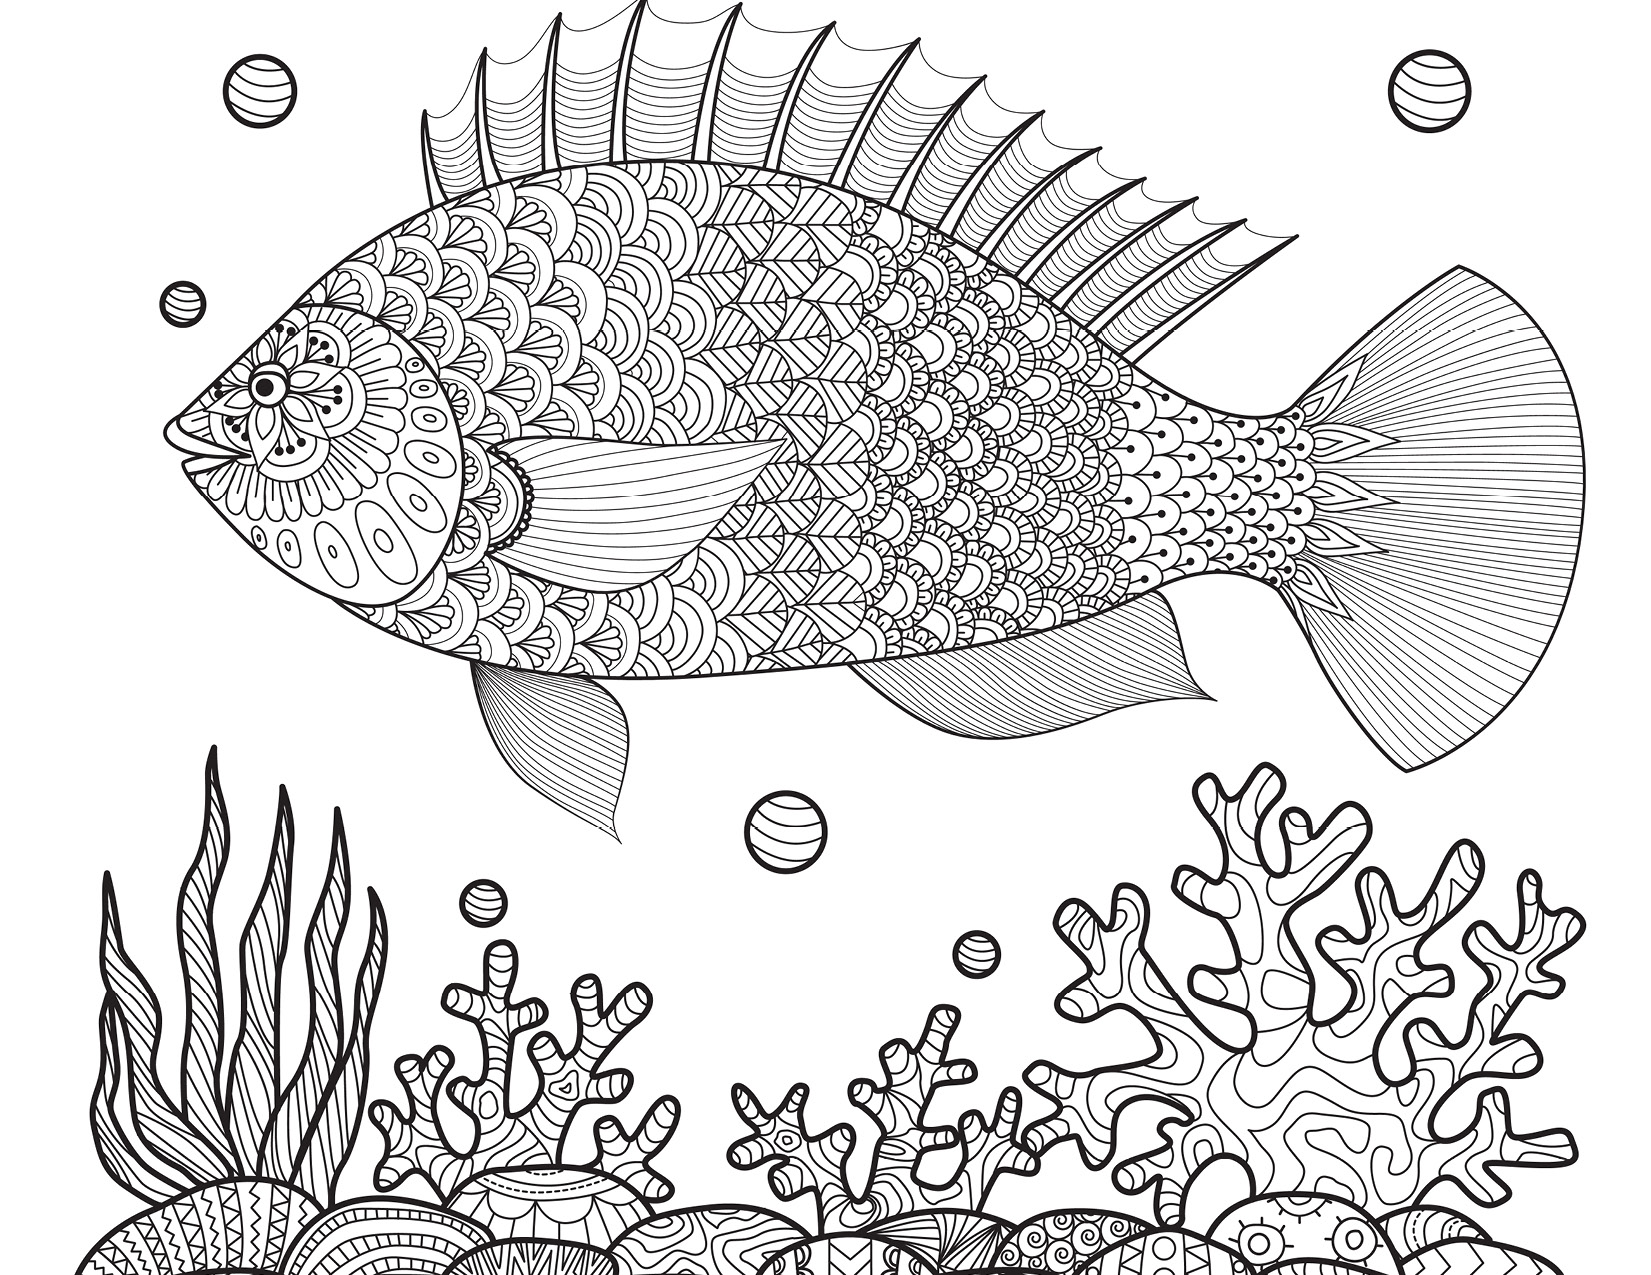 Dessin poisson coloriages t imprimer gratuitement - Image de poisson a imprimer ...